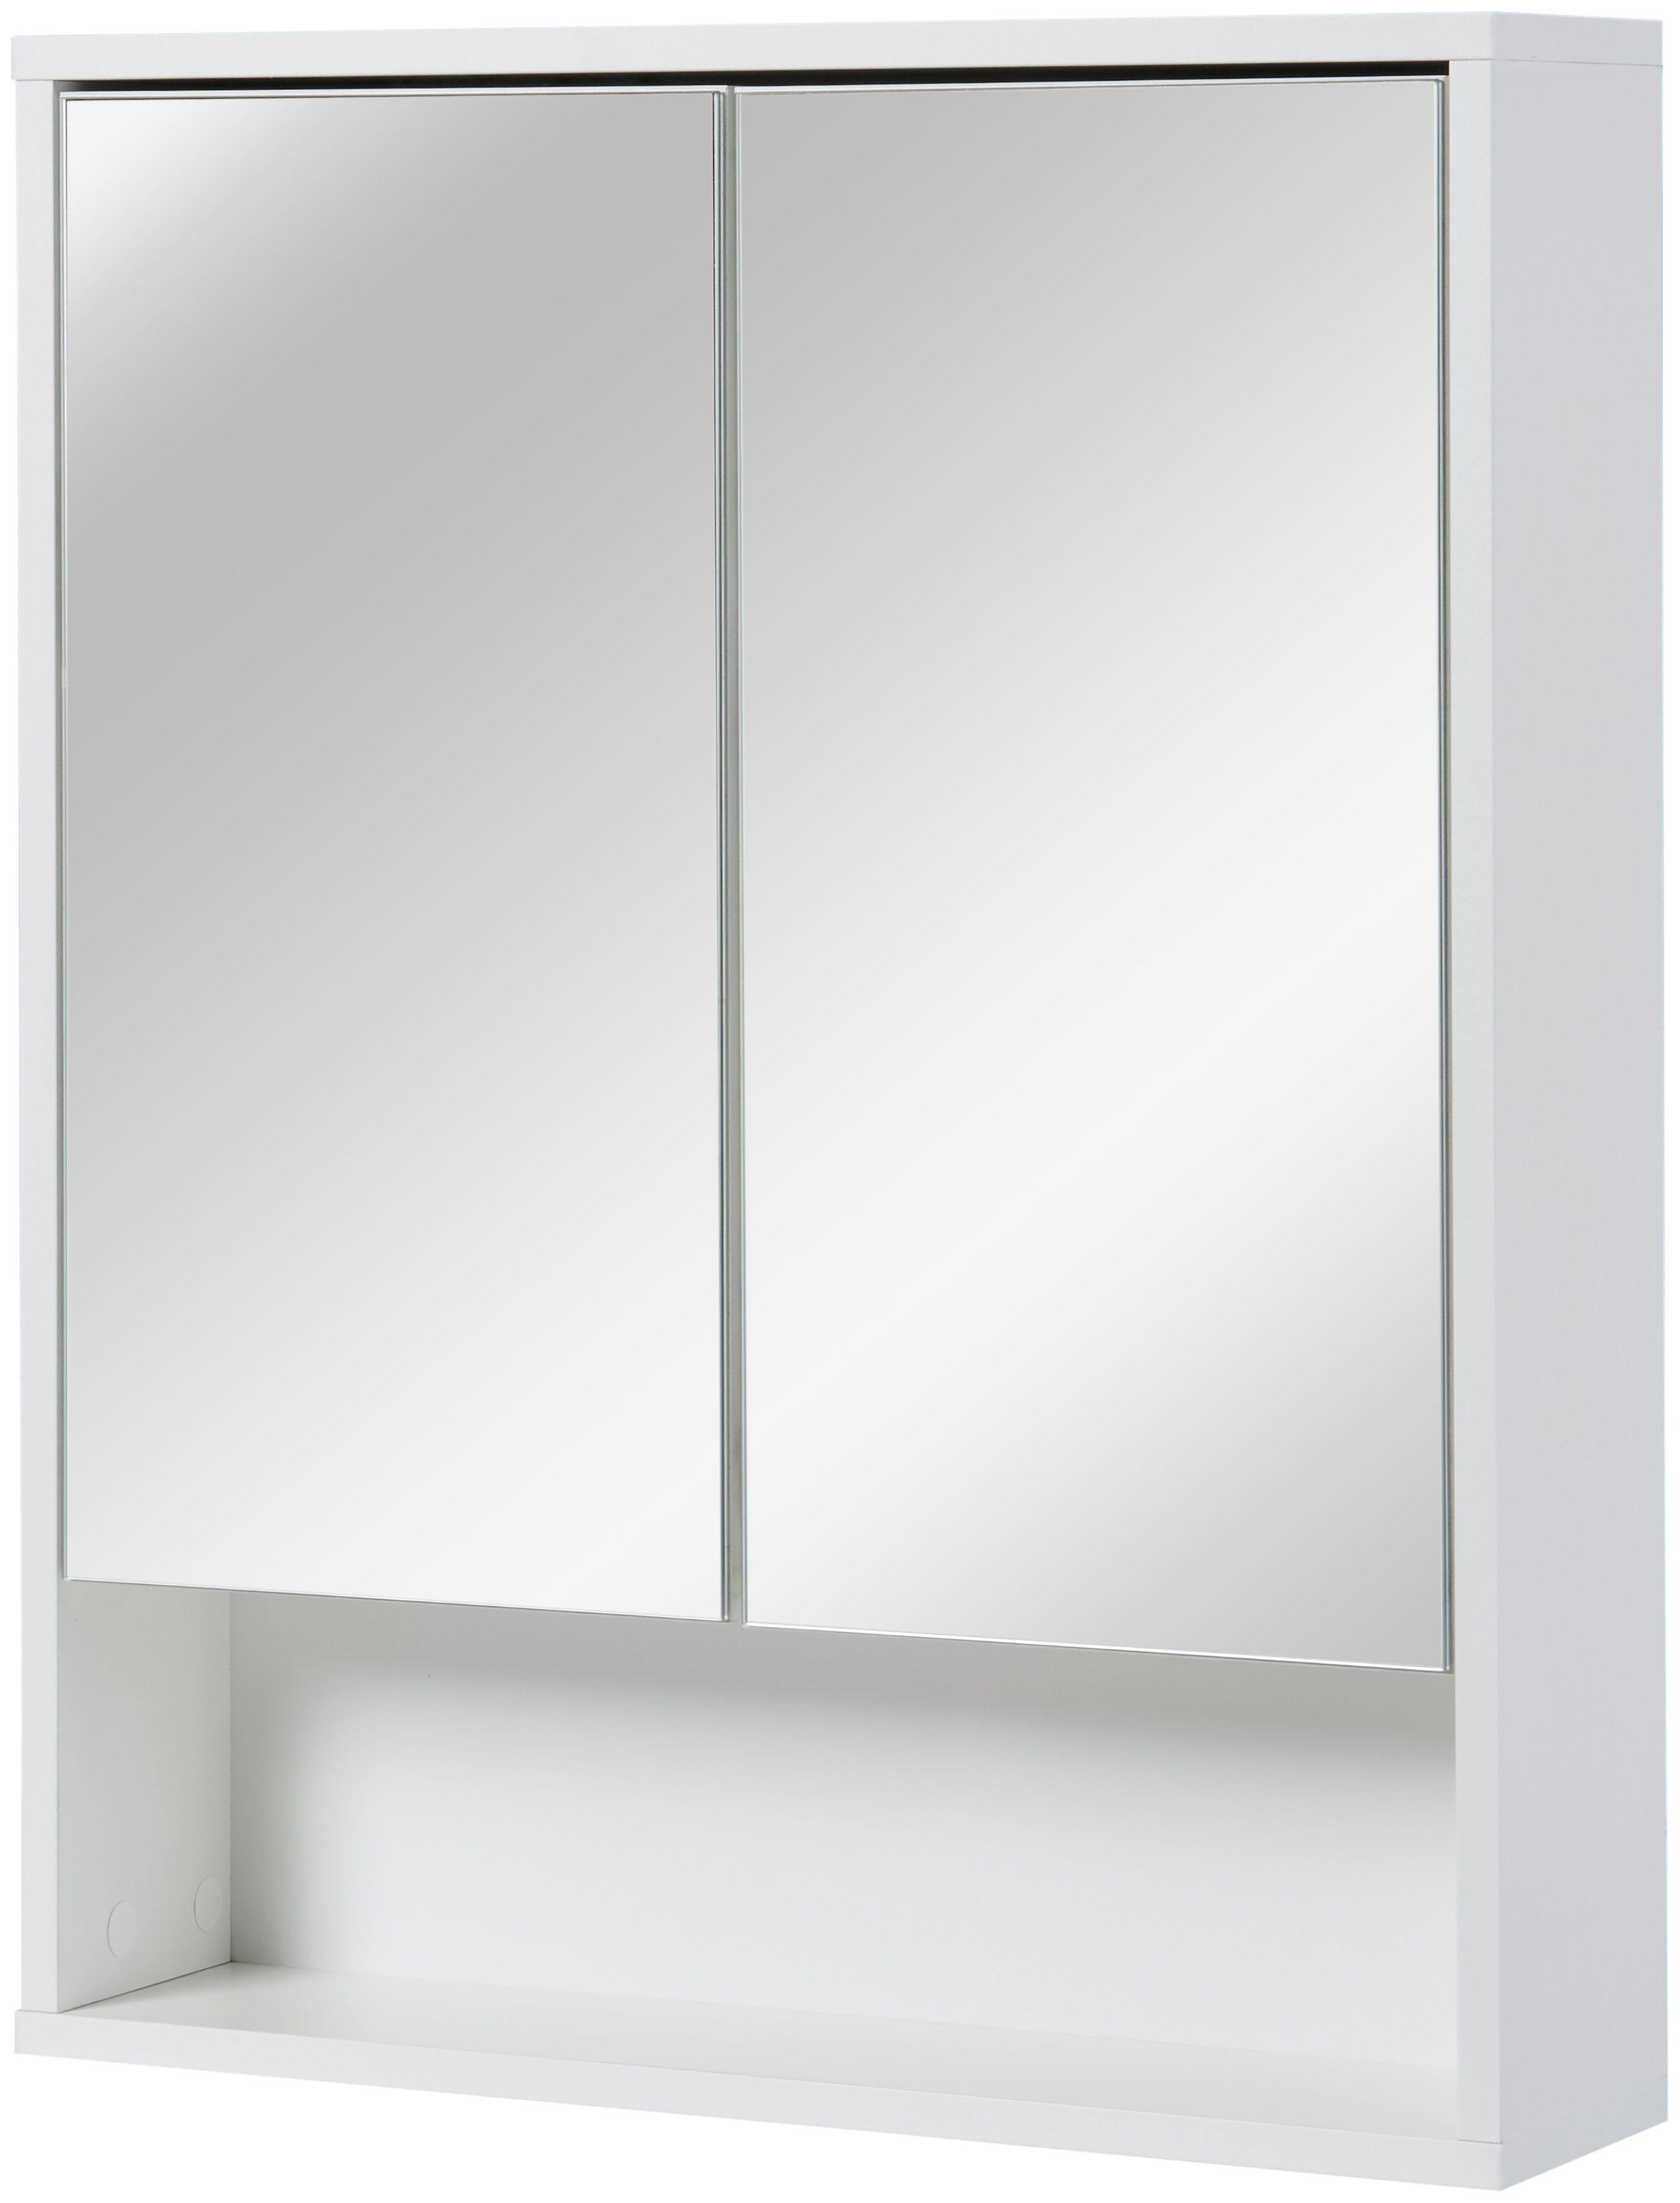 Spiegelschrank 60 Cm Breit Alu Badmöbel Set Montreal Mit